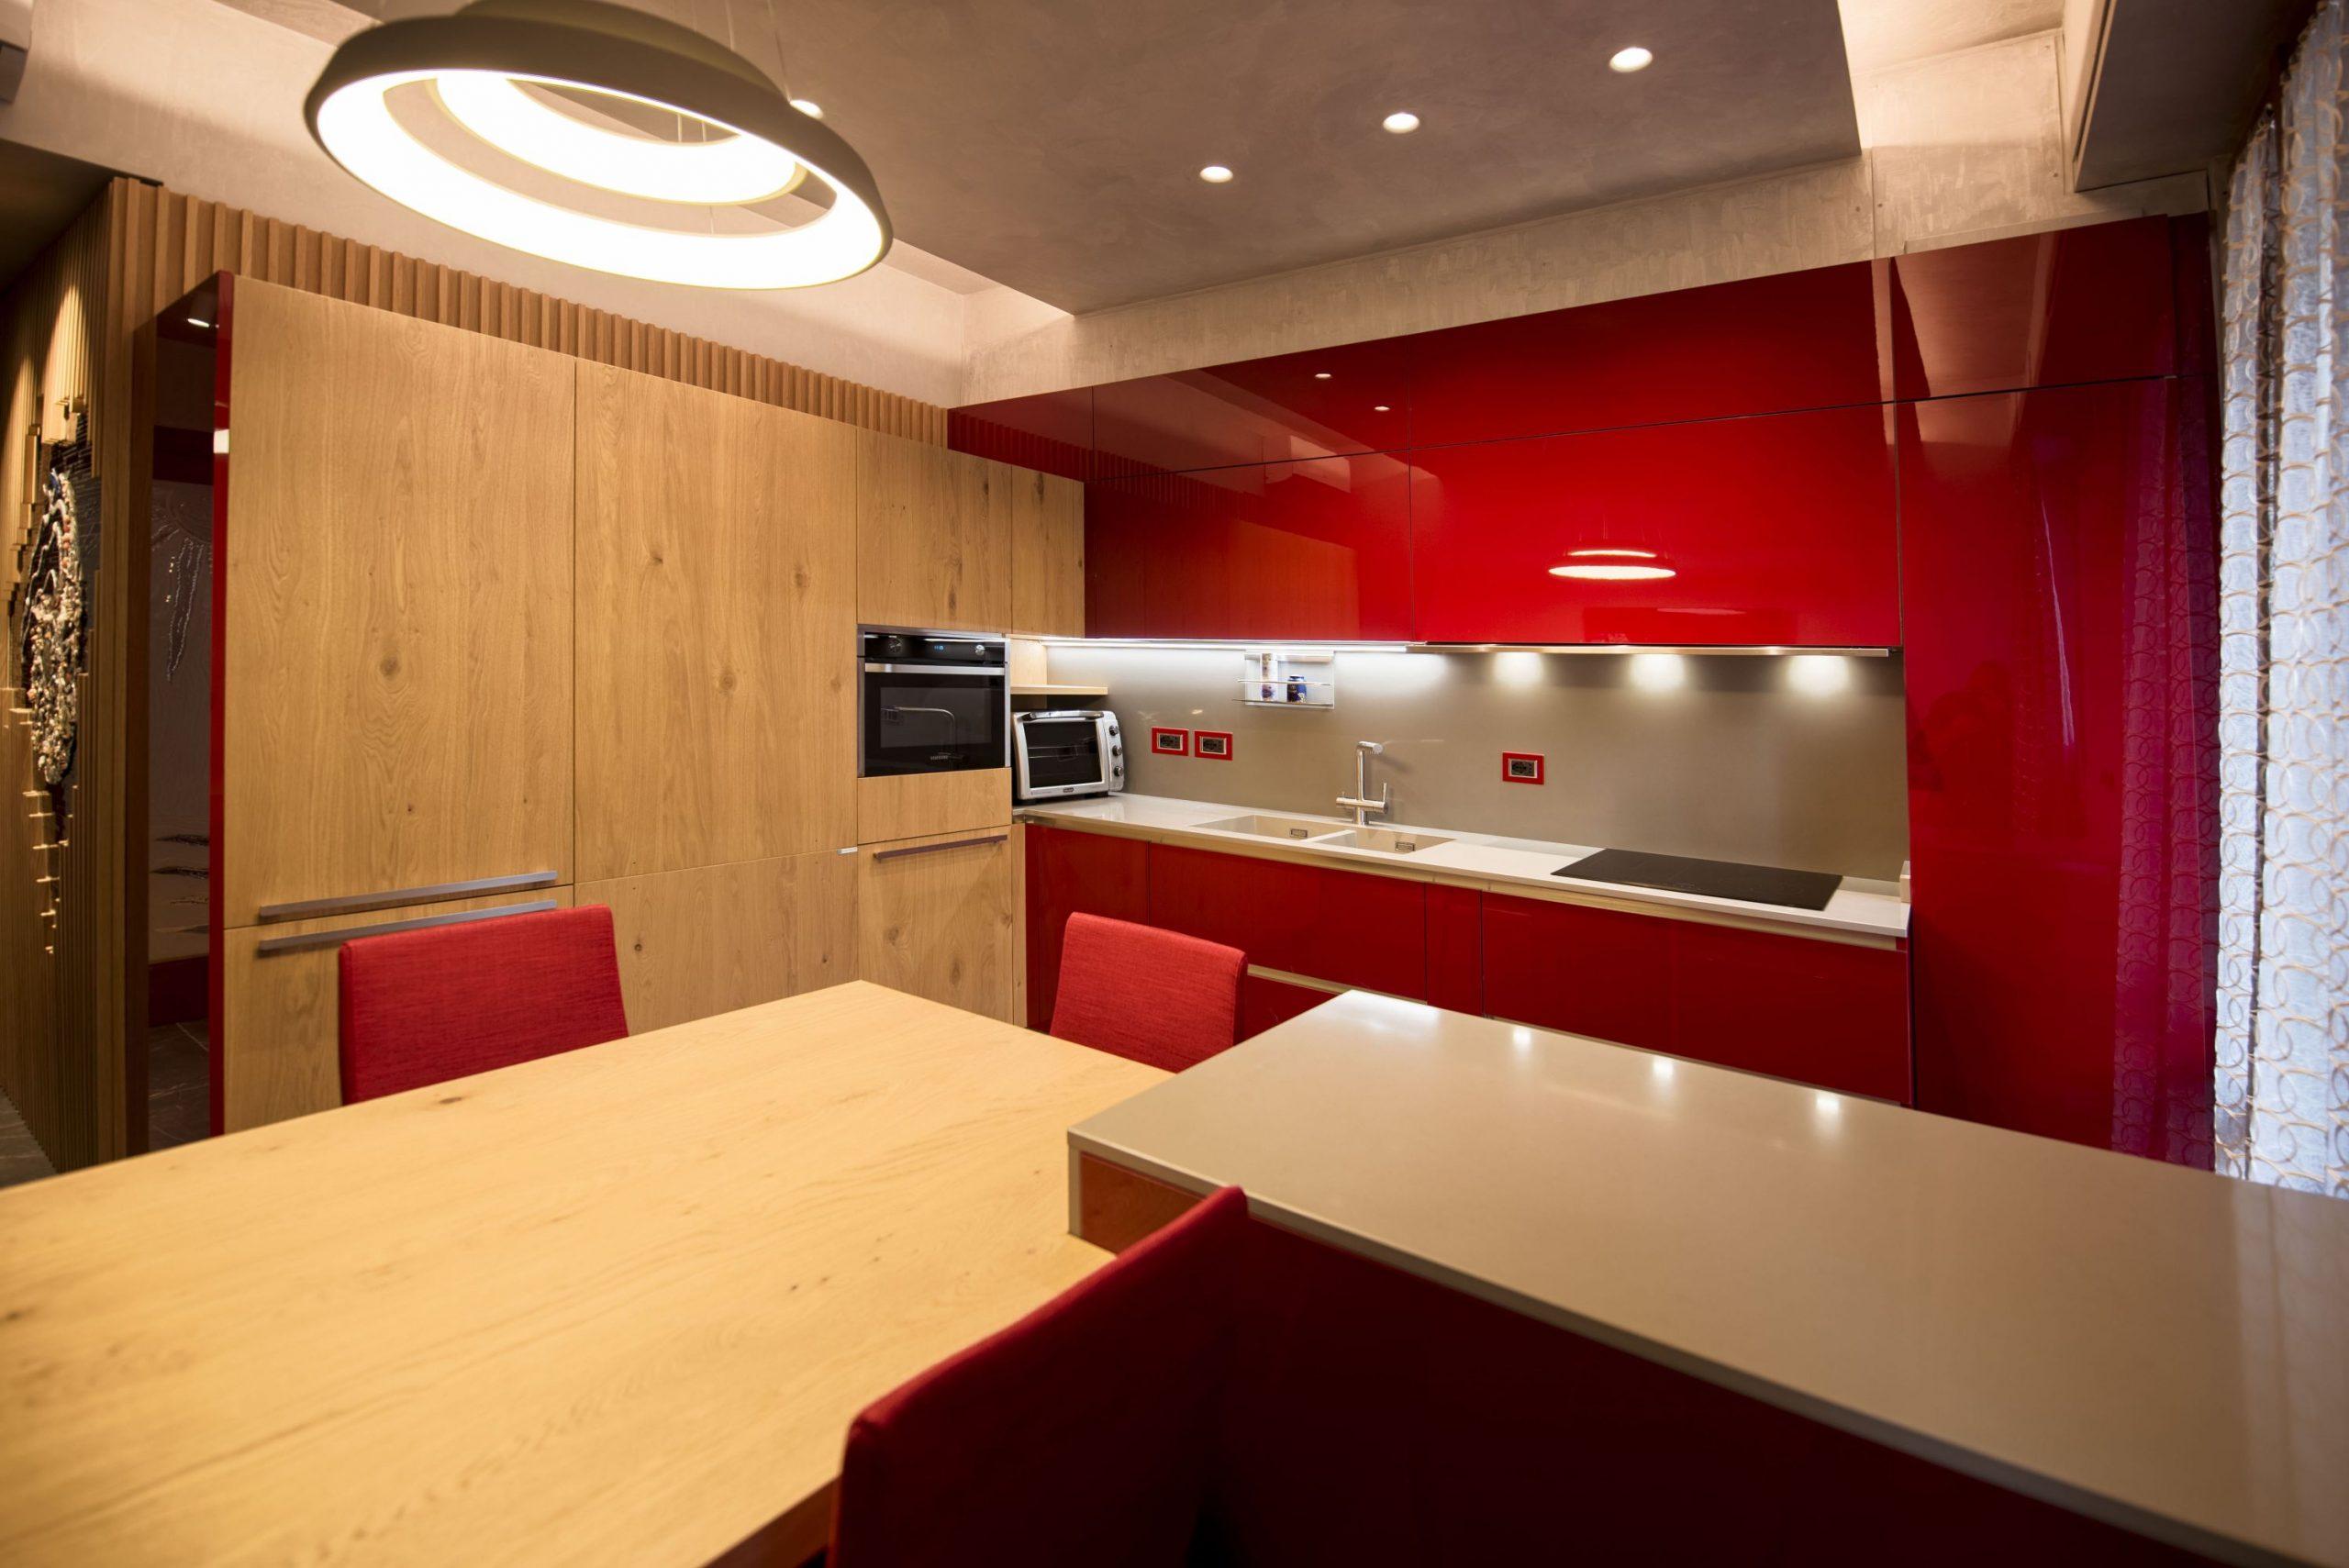 la cucina rossa